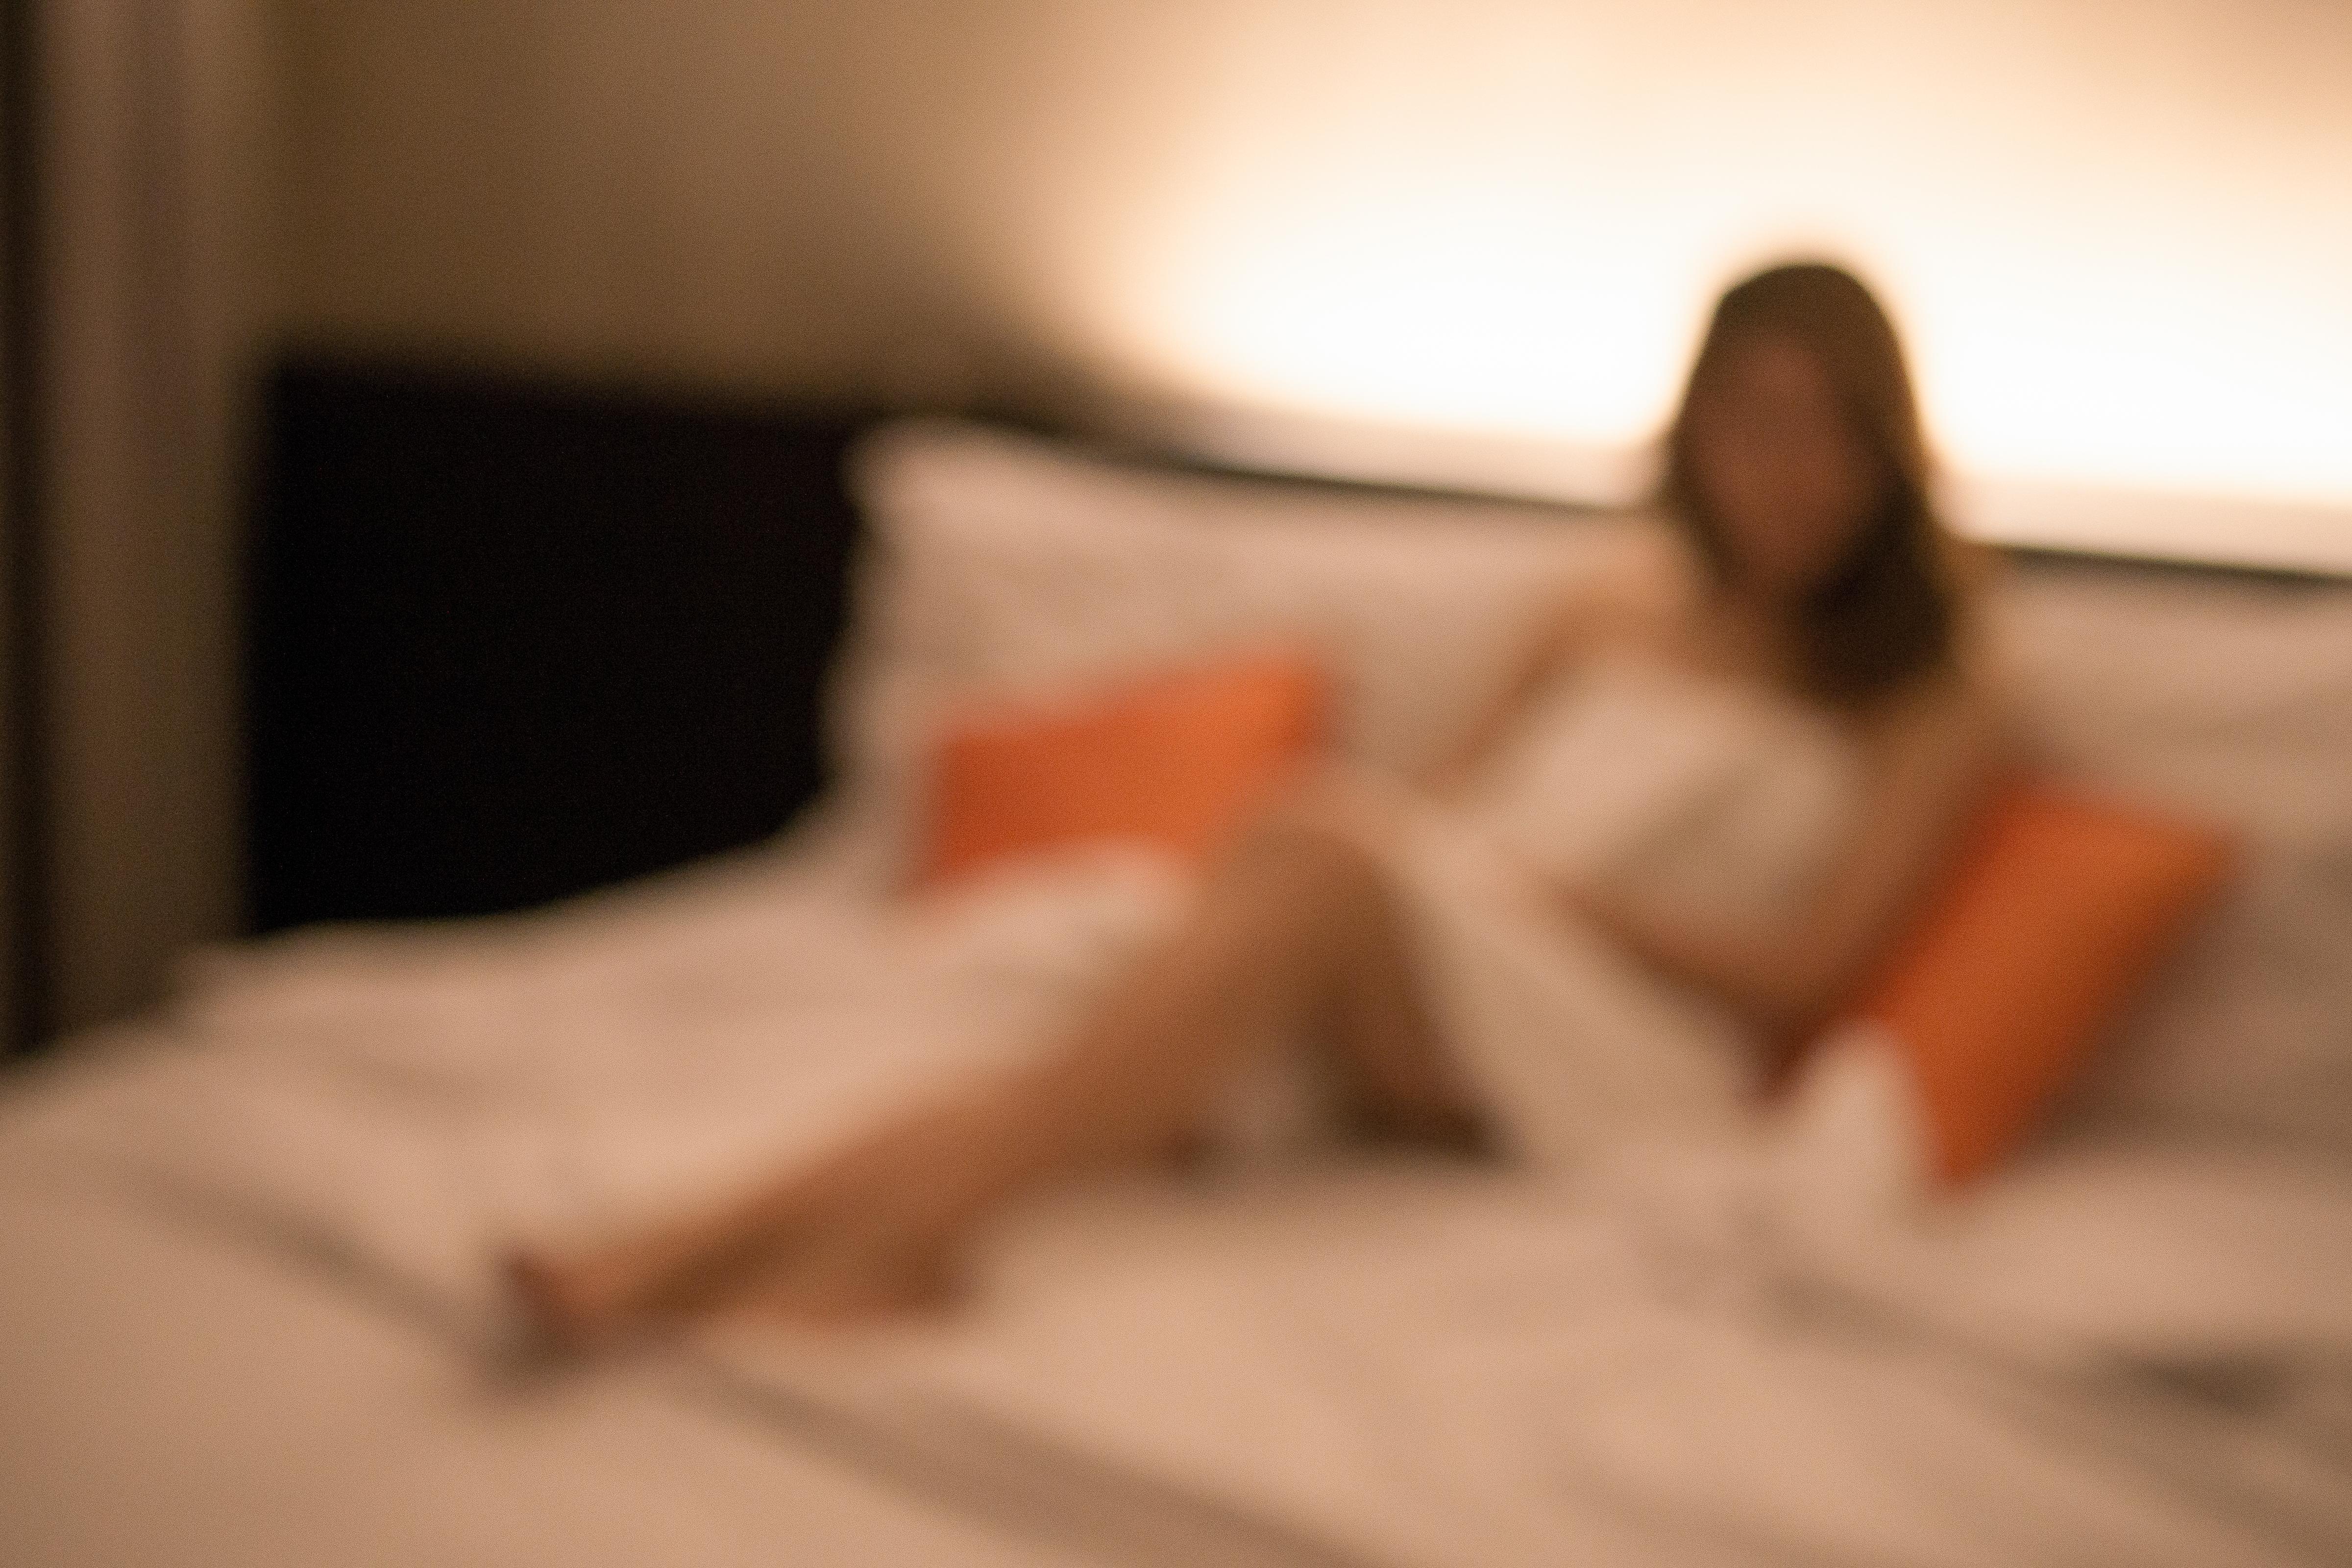 Sunt tot mai mulți părinți care s-au apucat de prostituție în criza COVID, spune reprezentantul unui ONG